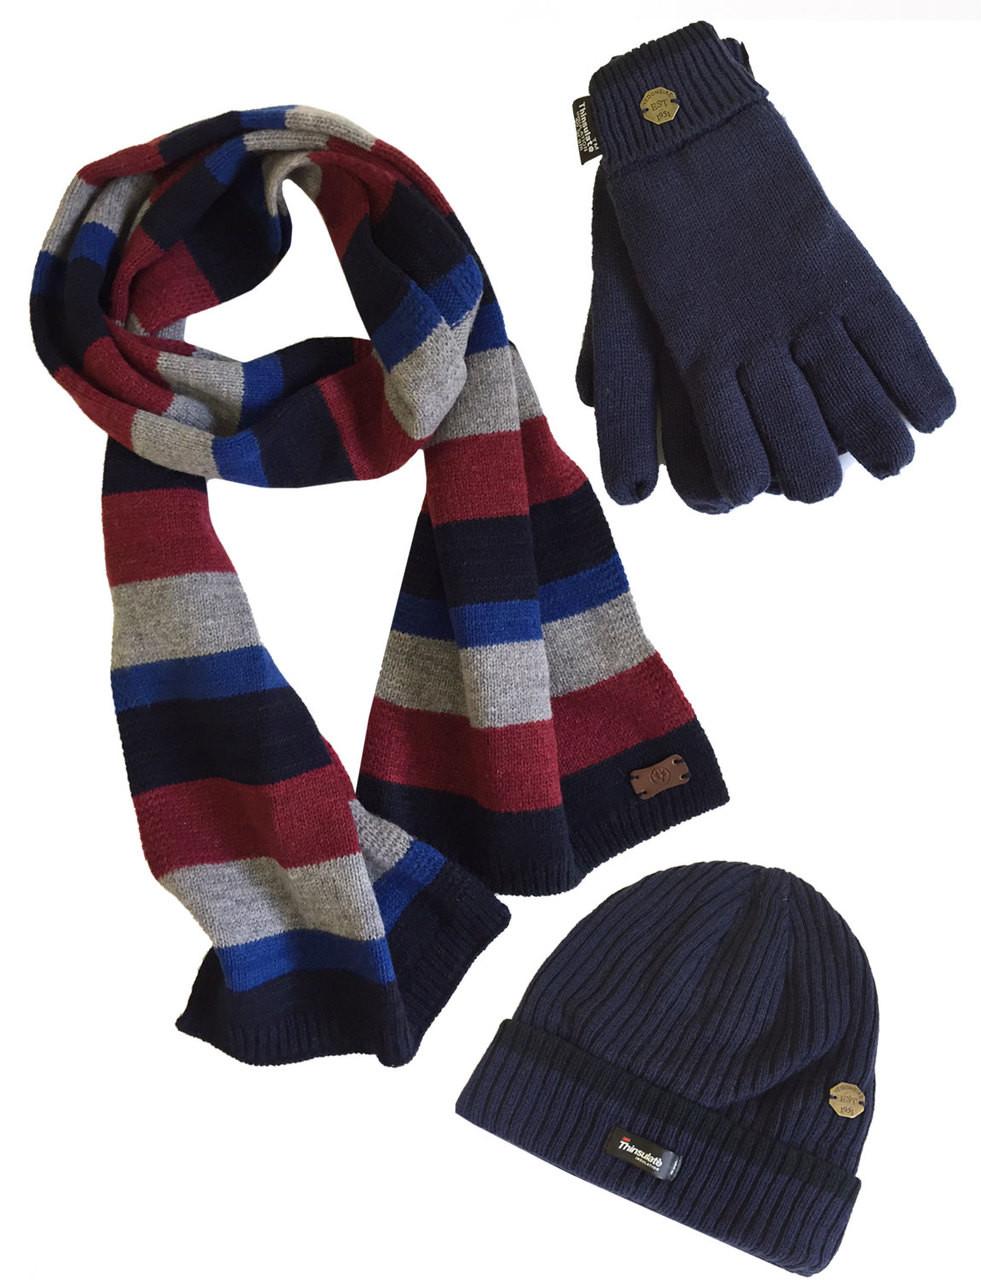 Men s Hat Glove Scarf set (3022) Navy Denim - Vedoneire 9bc72848621e